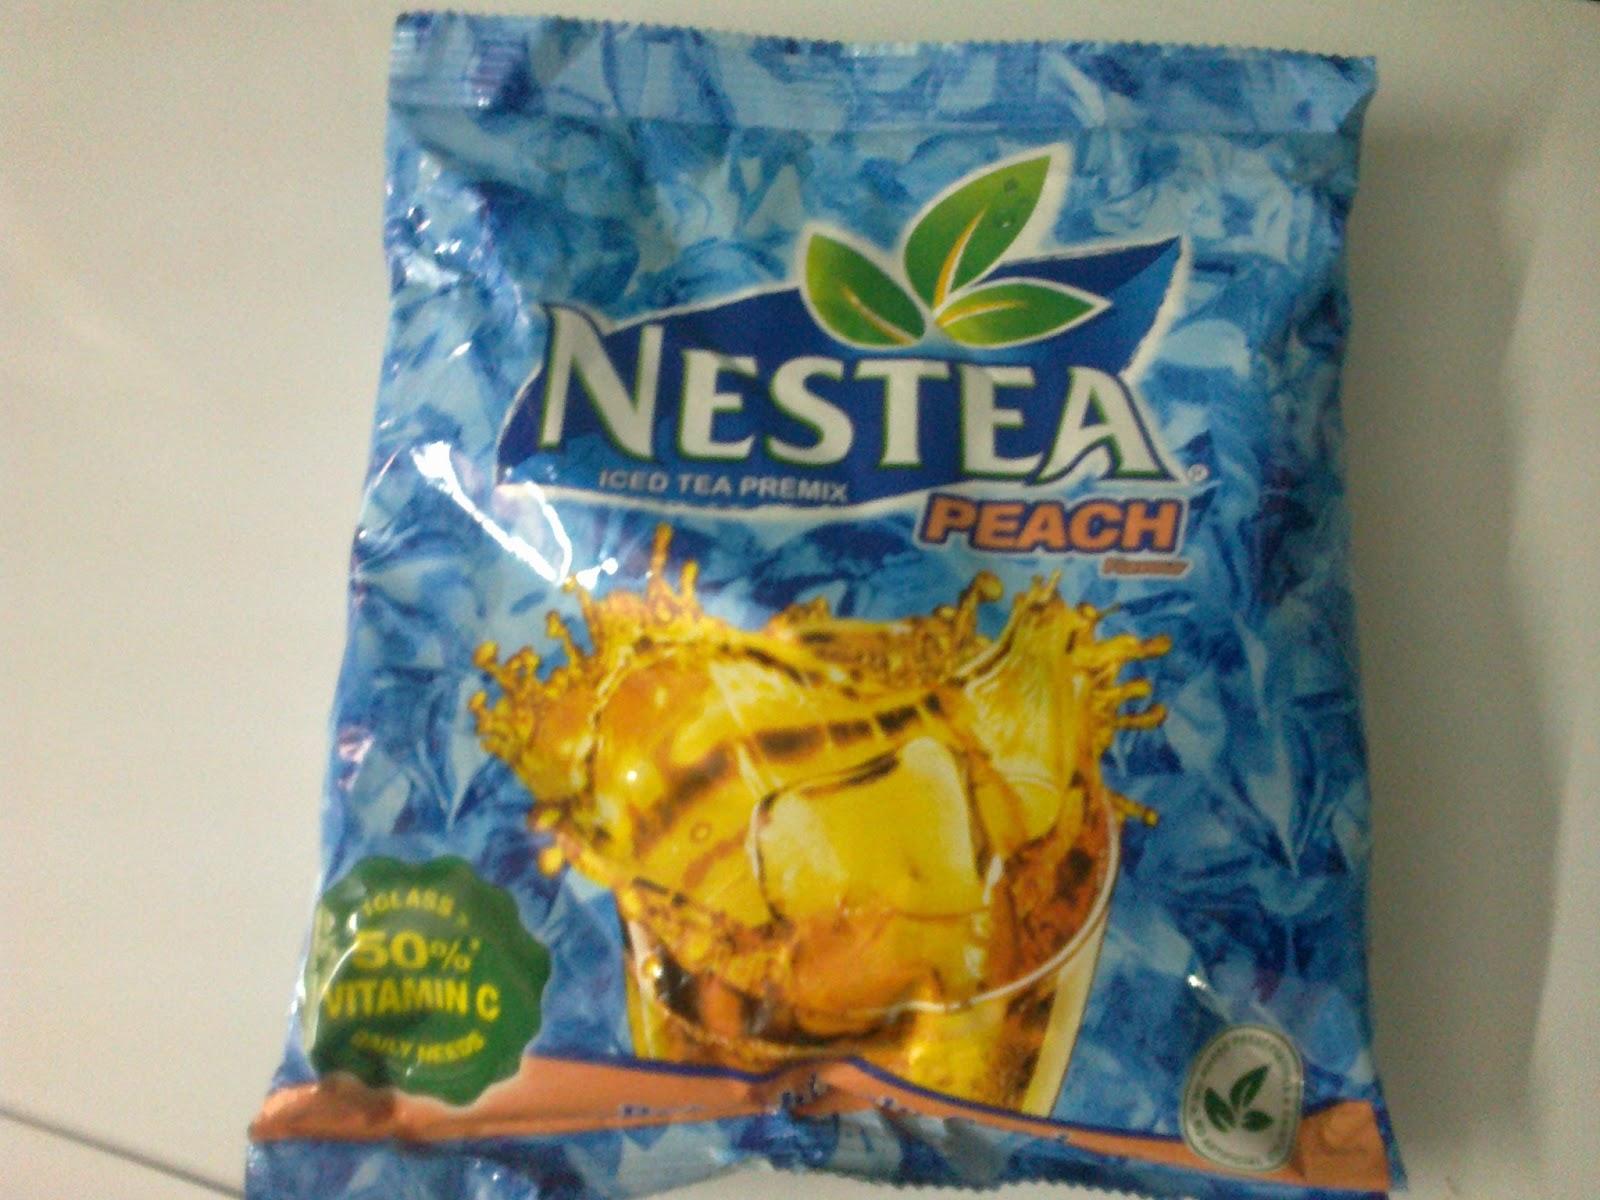 Nestea Iced Tea Premix Peach Flavour Review The Good Lemon